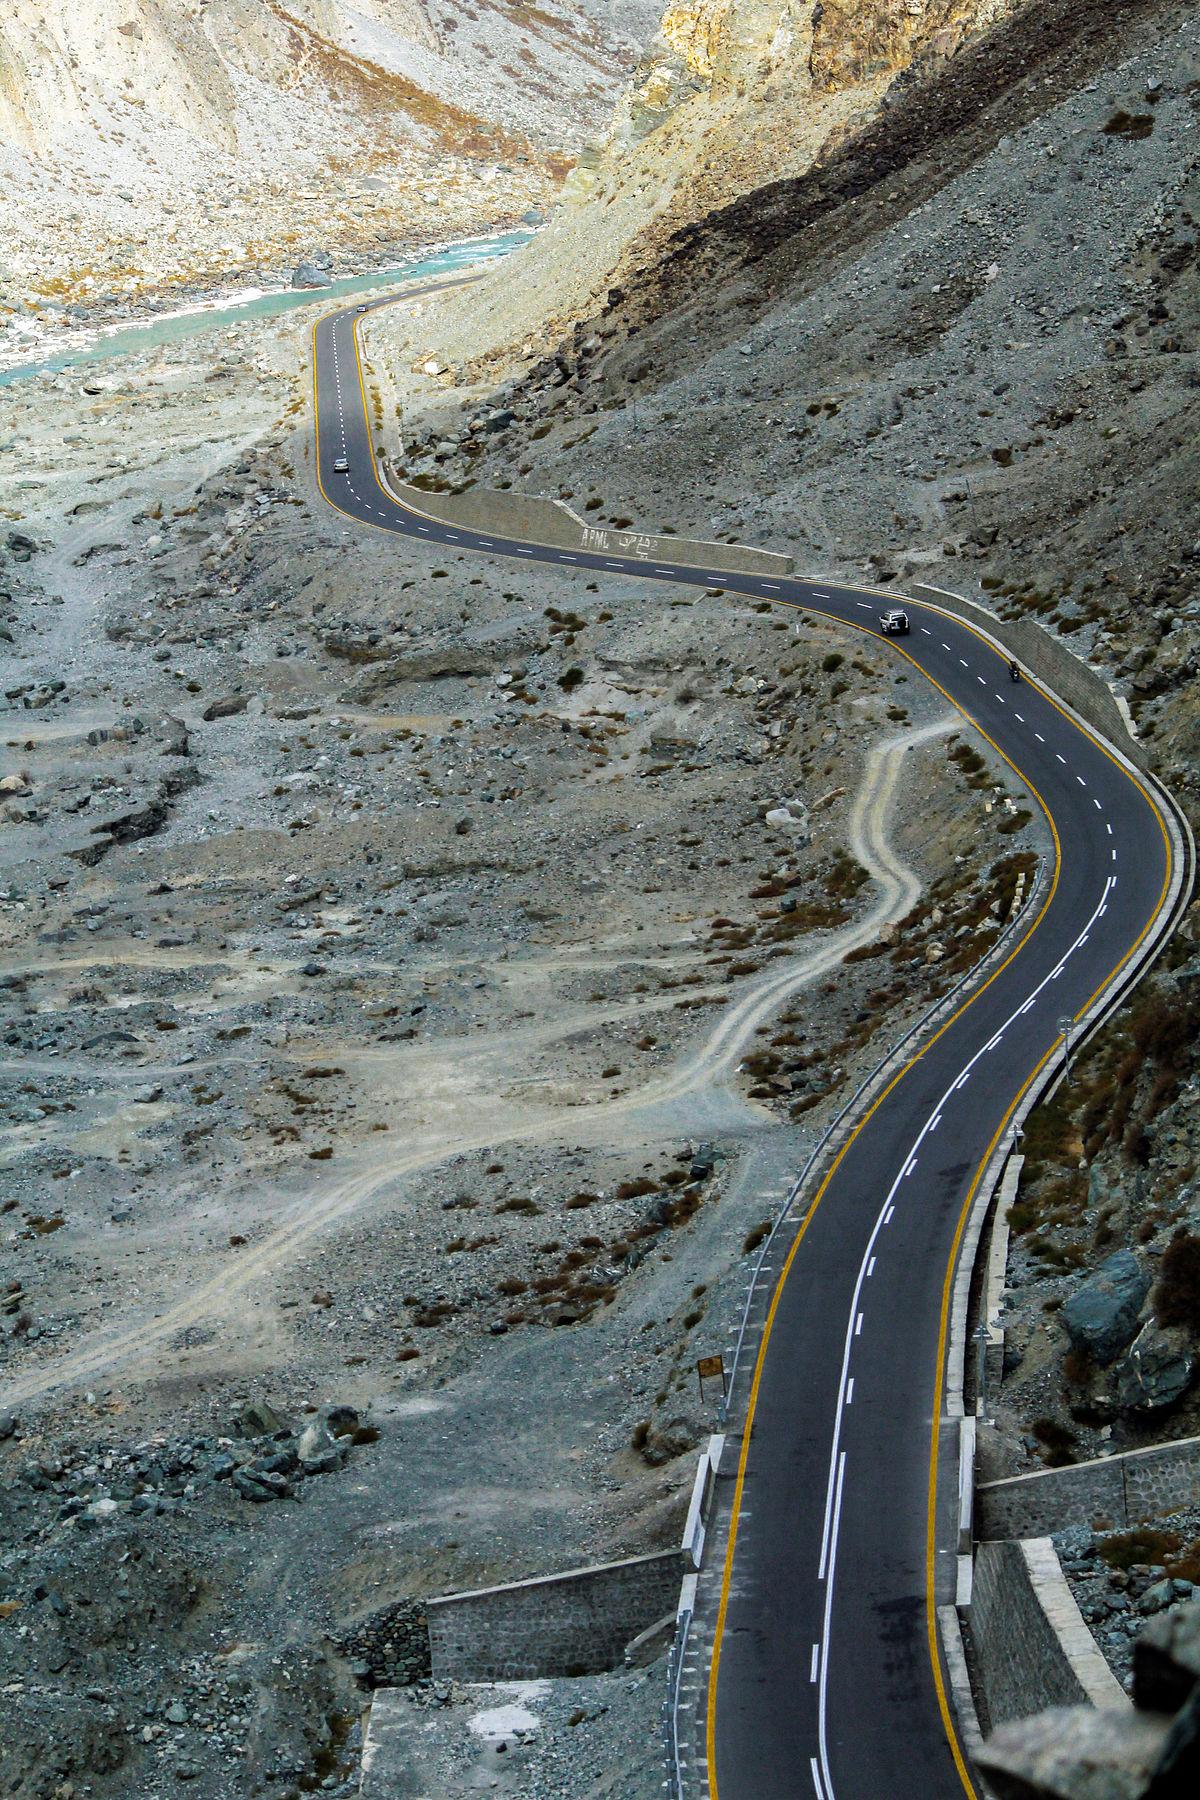 Karakoram Highway - Travel guide at Wikivoyage